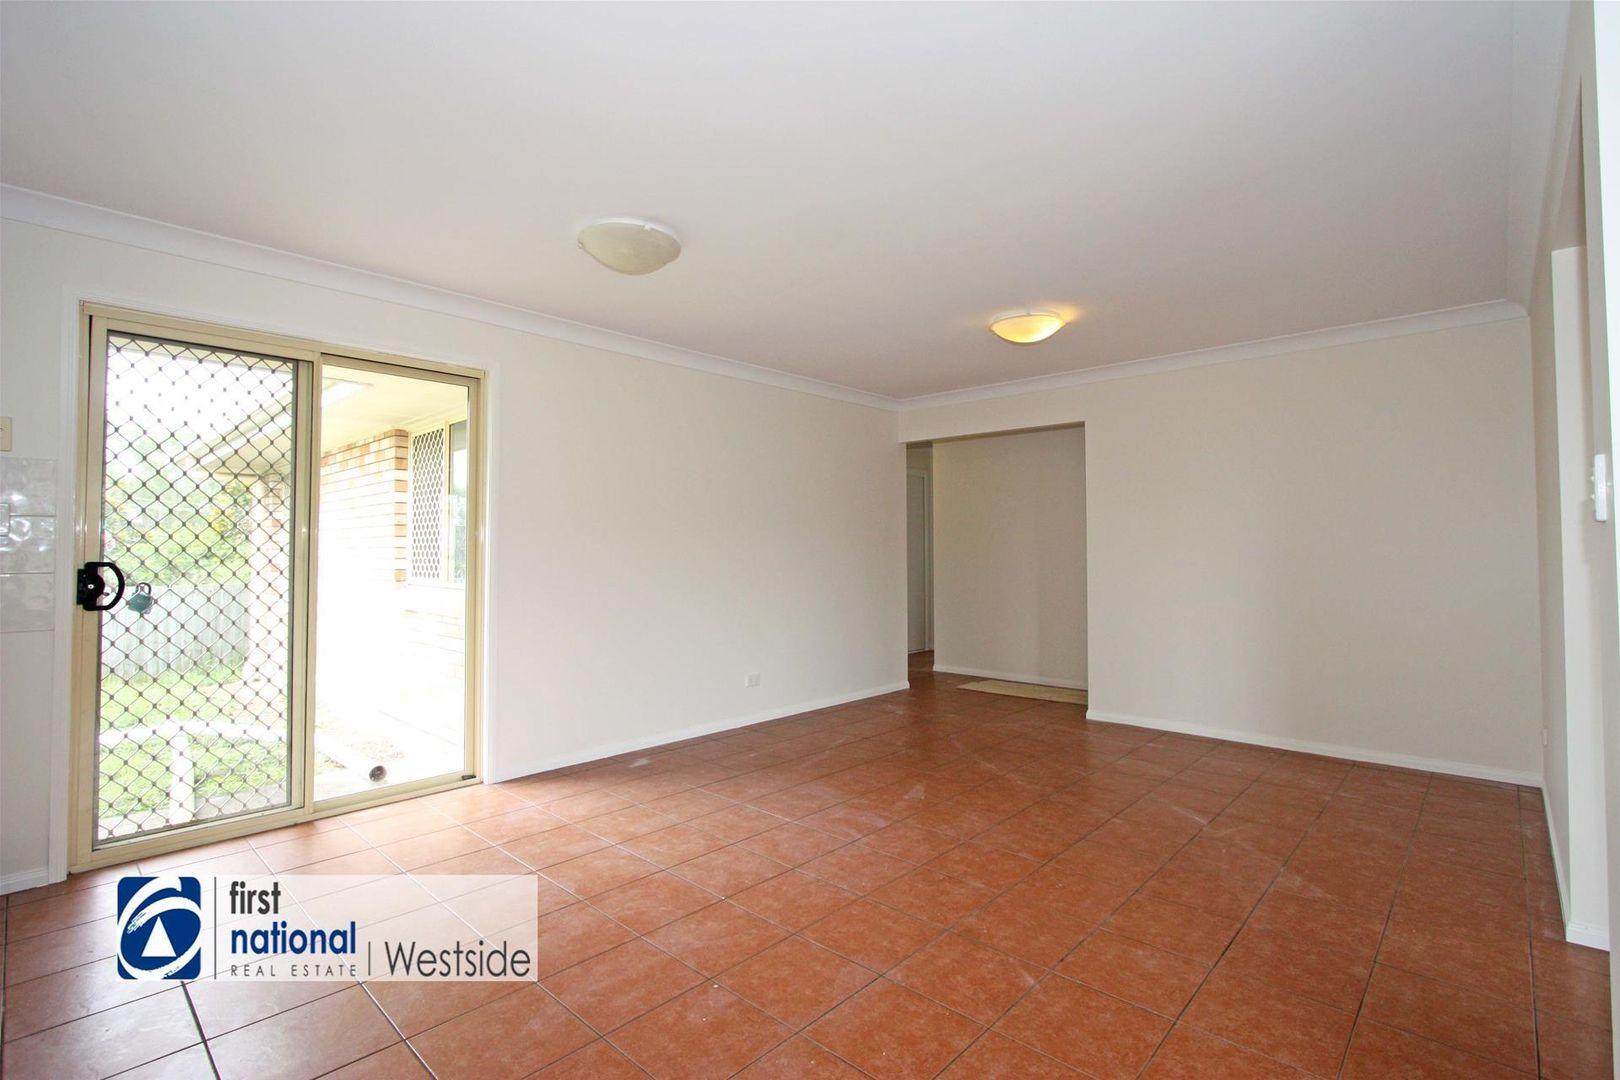 26 Elkhorn  Street, Bellbird Park QLD 4300, Image 2